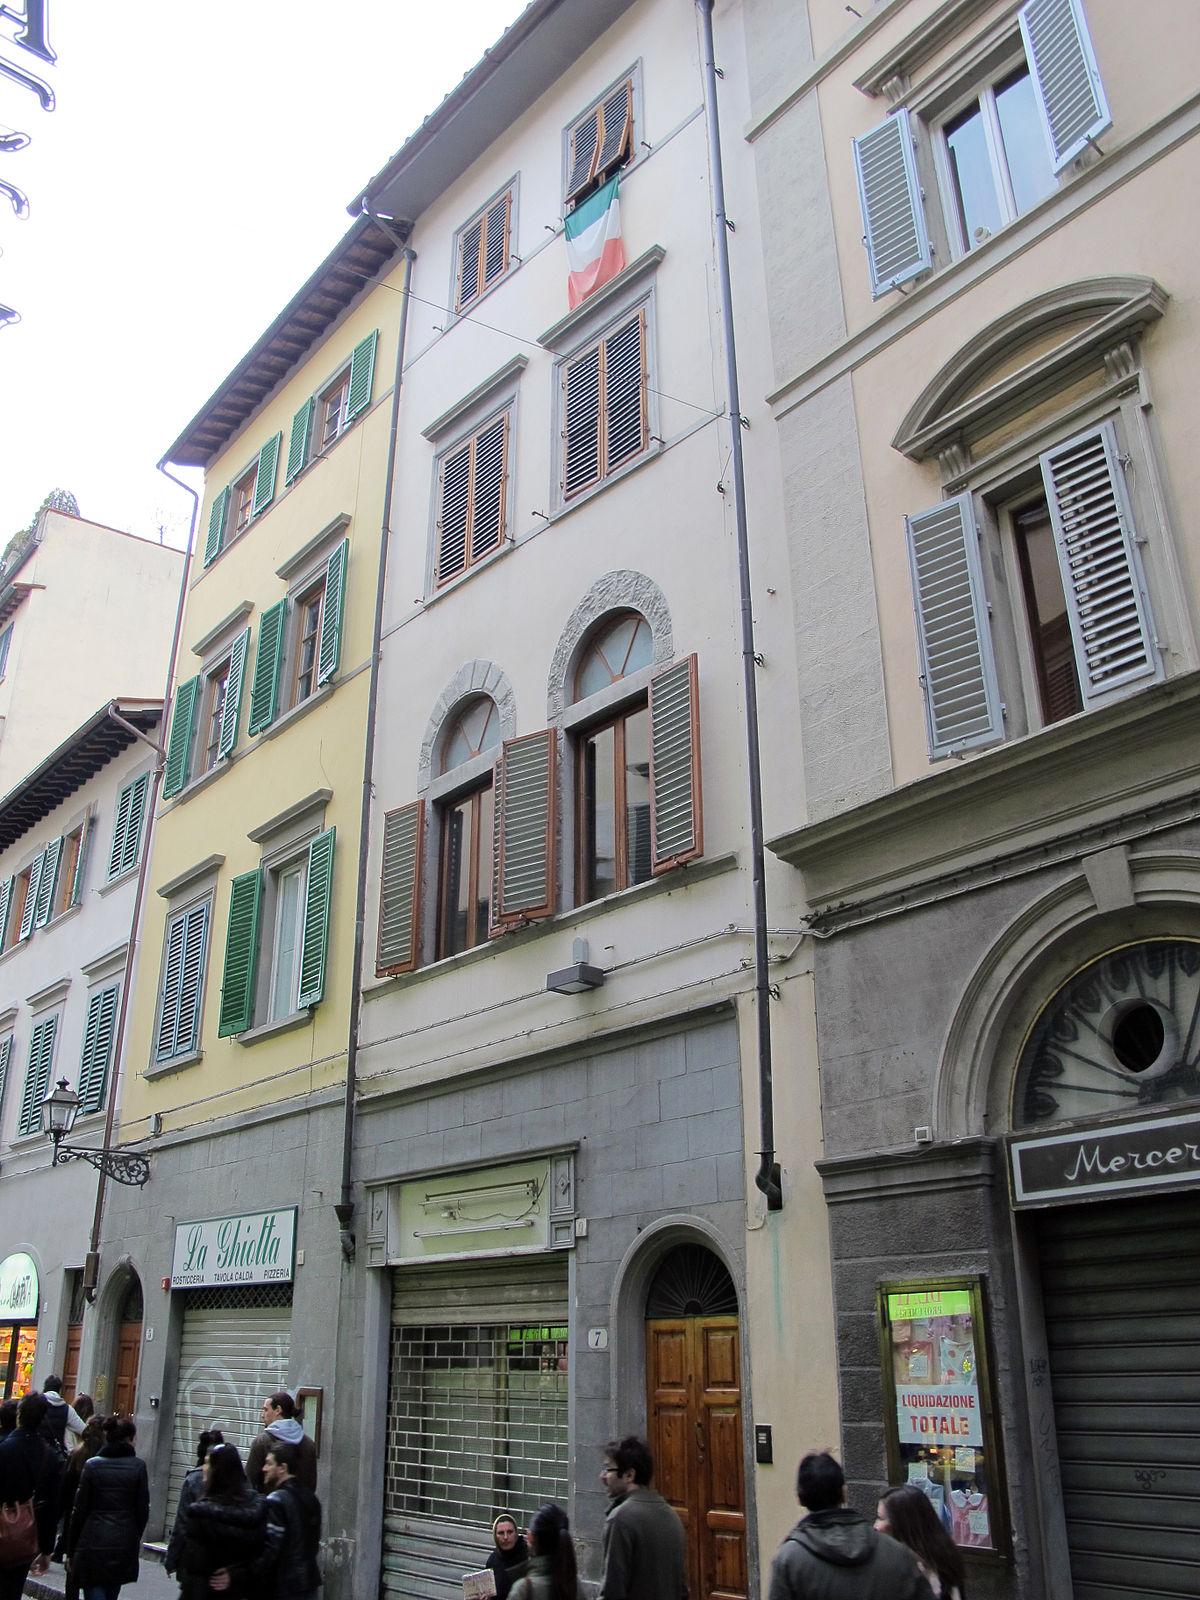 Casa francioni pampaloni wikipedia for 2 piani di casa storia con maestro al piano principale